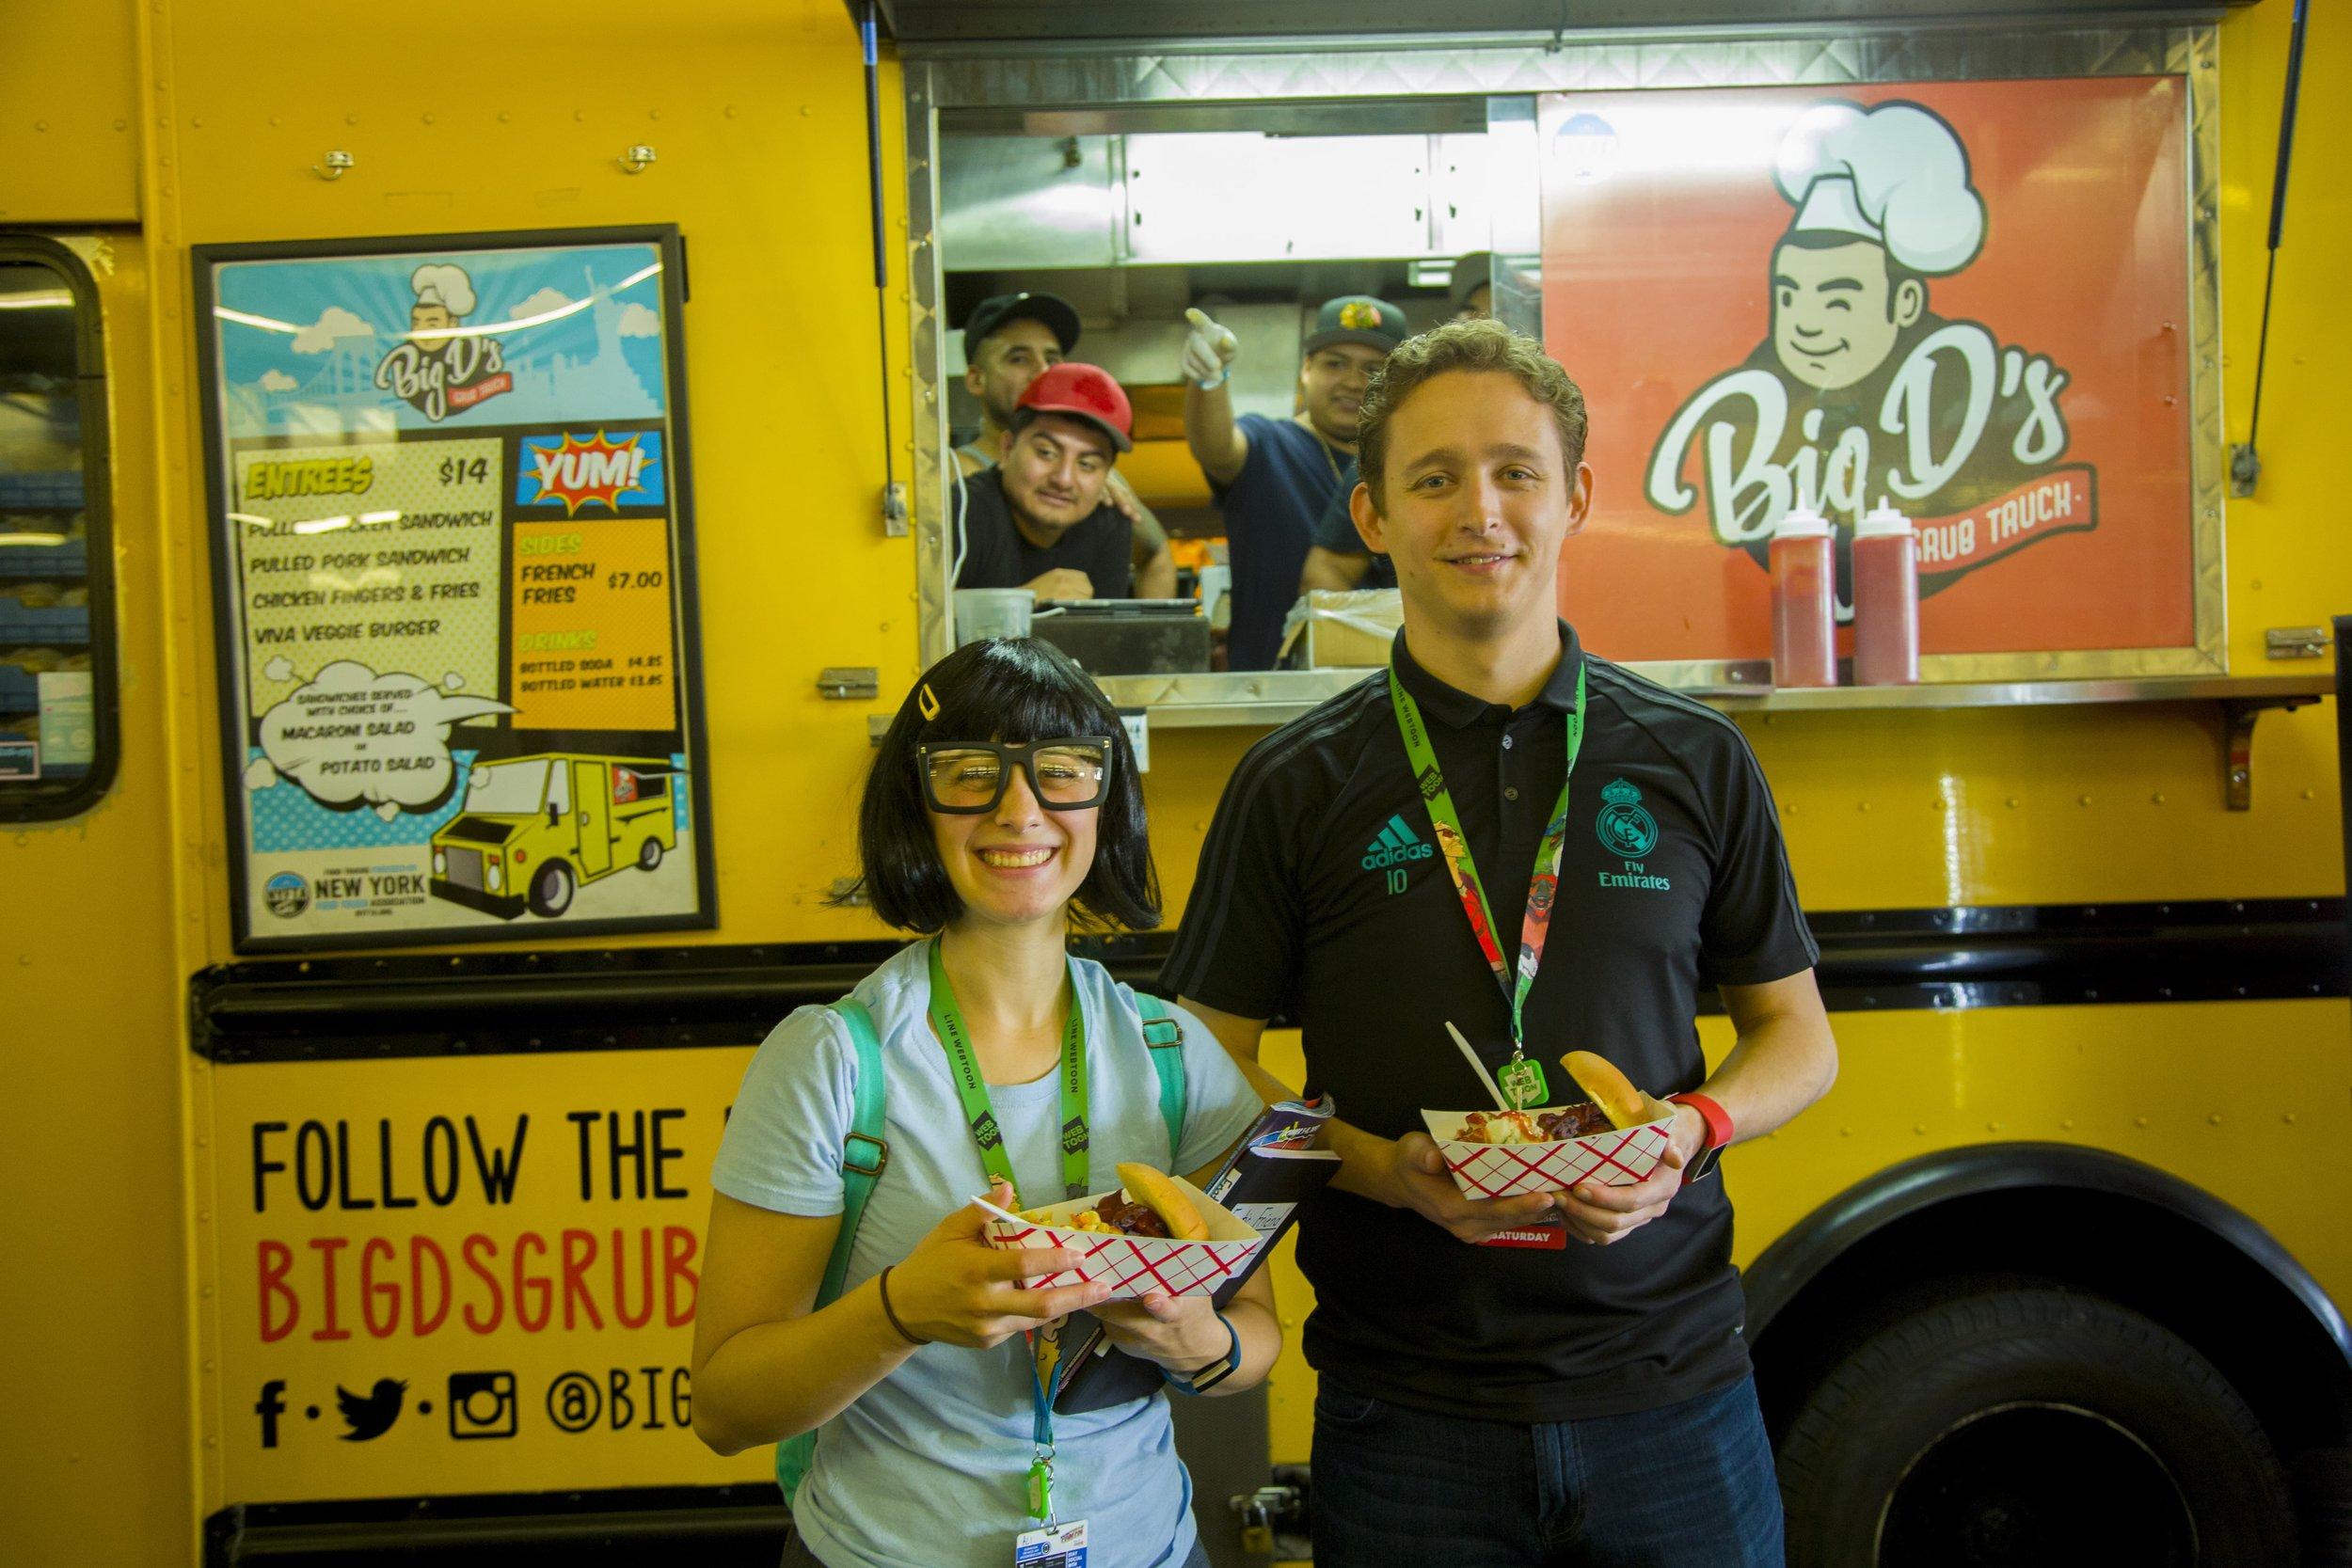 Tina-Bobs-Burgers-food-truck-nycc.jpg